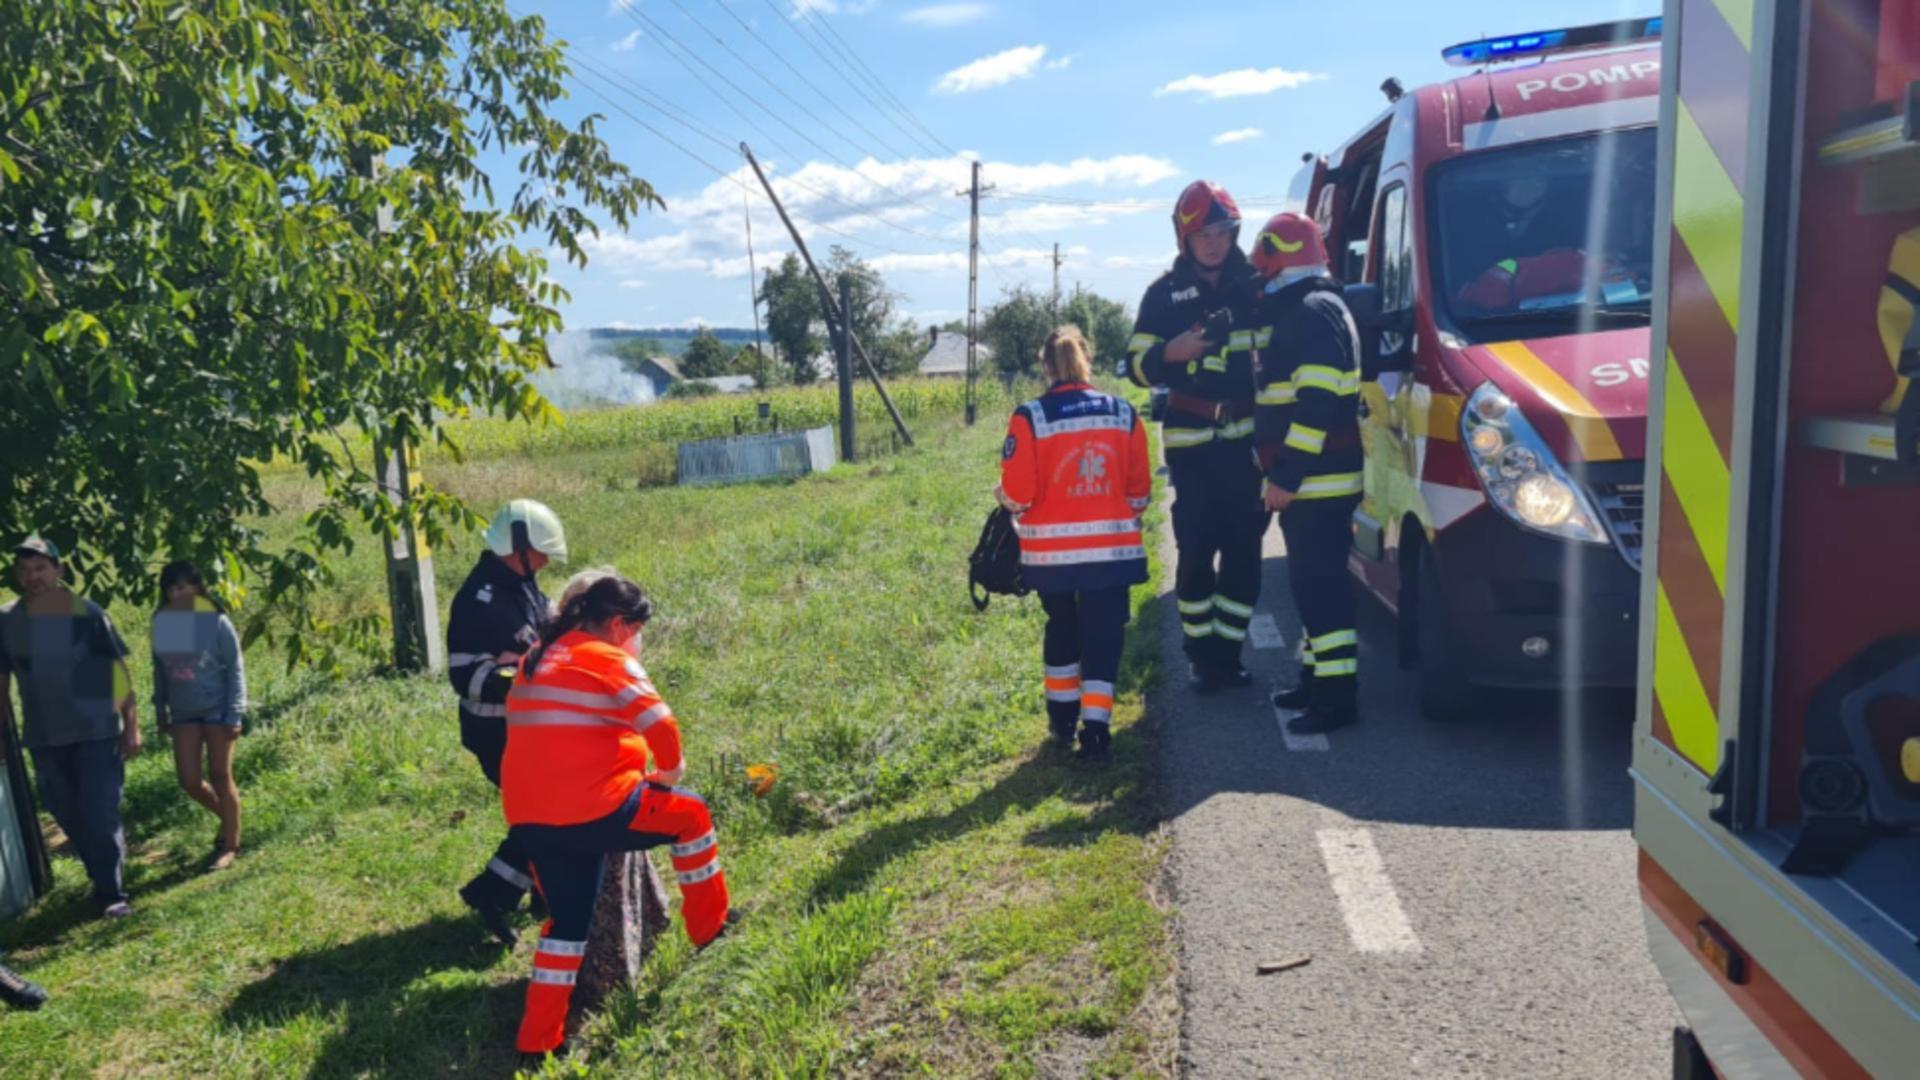 Accident GRAV în Neamț! 2 femei RĂNITE după ce au intrat într-un cap de pod cu mașina